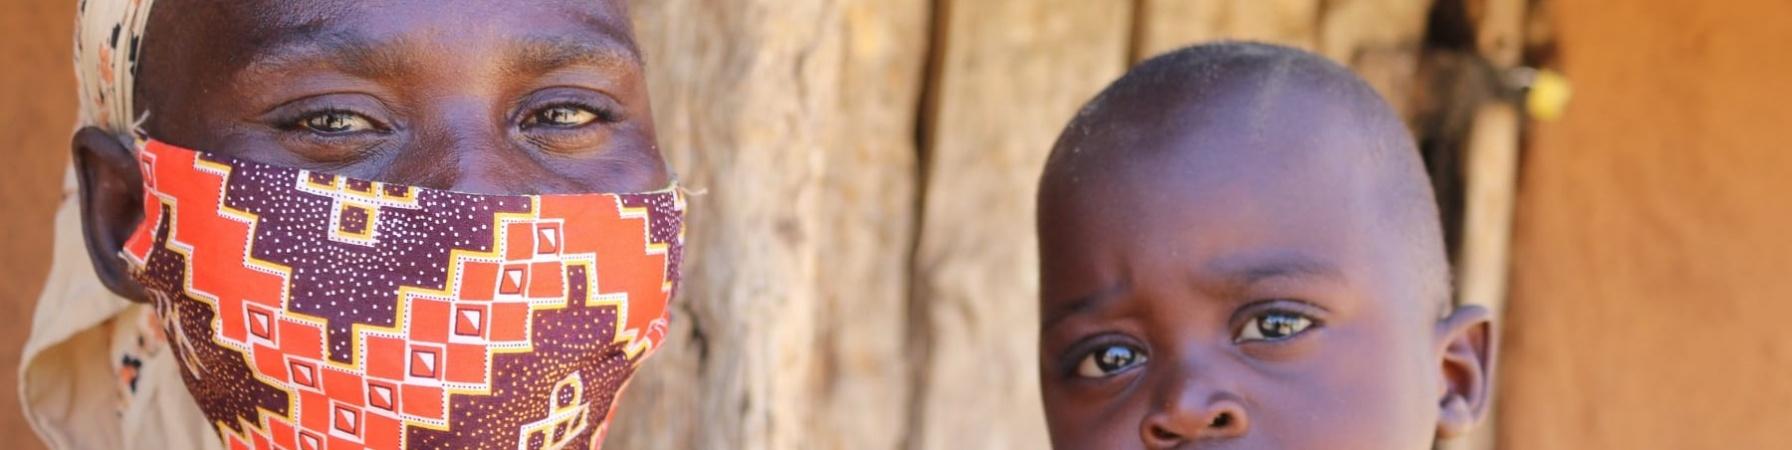 Mamma dello Zimbabwe con mascherina anti-covid tiene in braccio il suo bambino